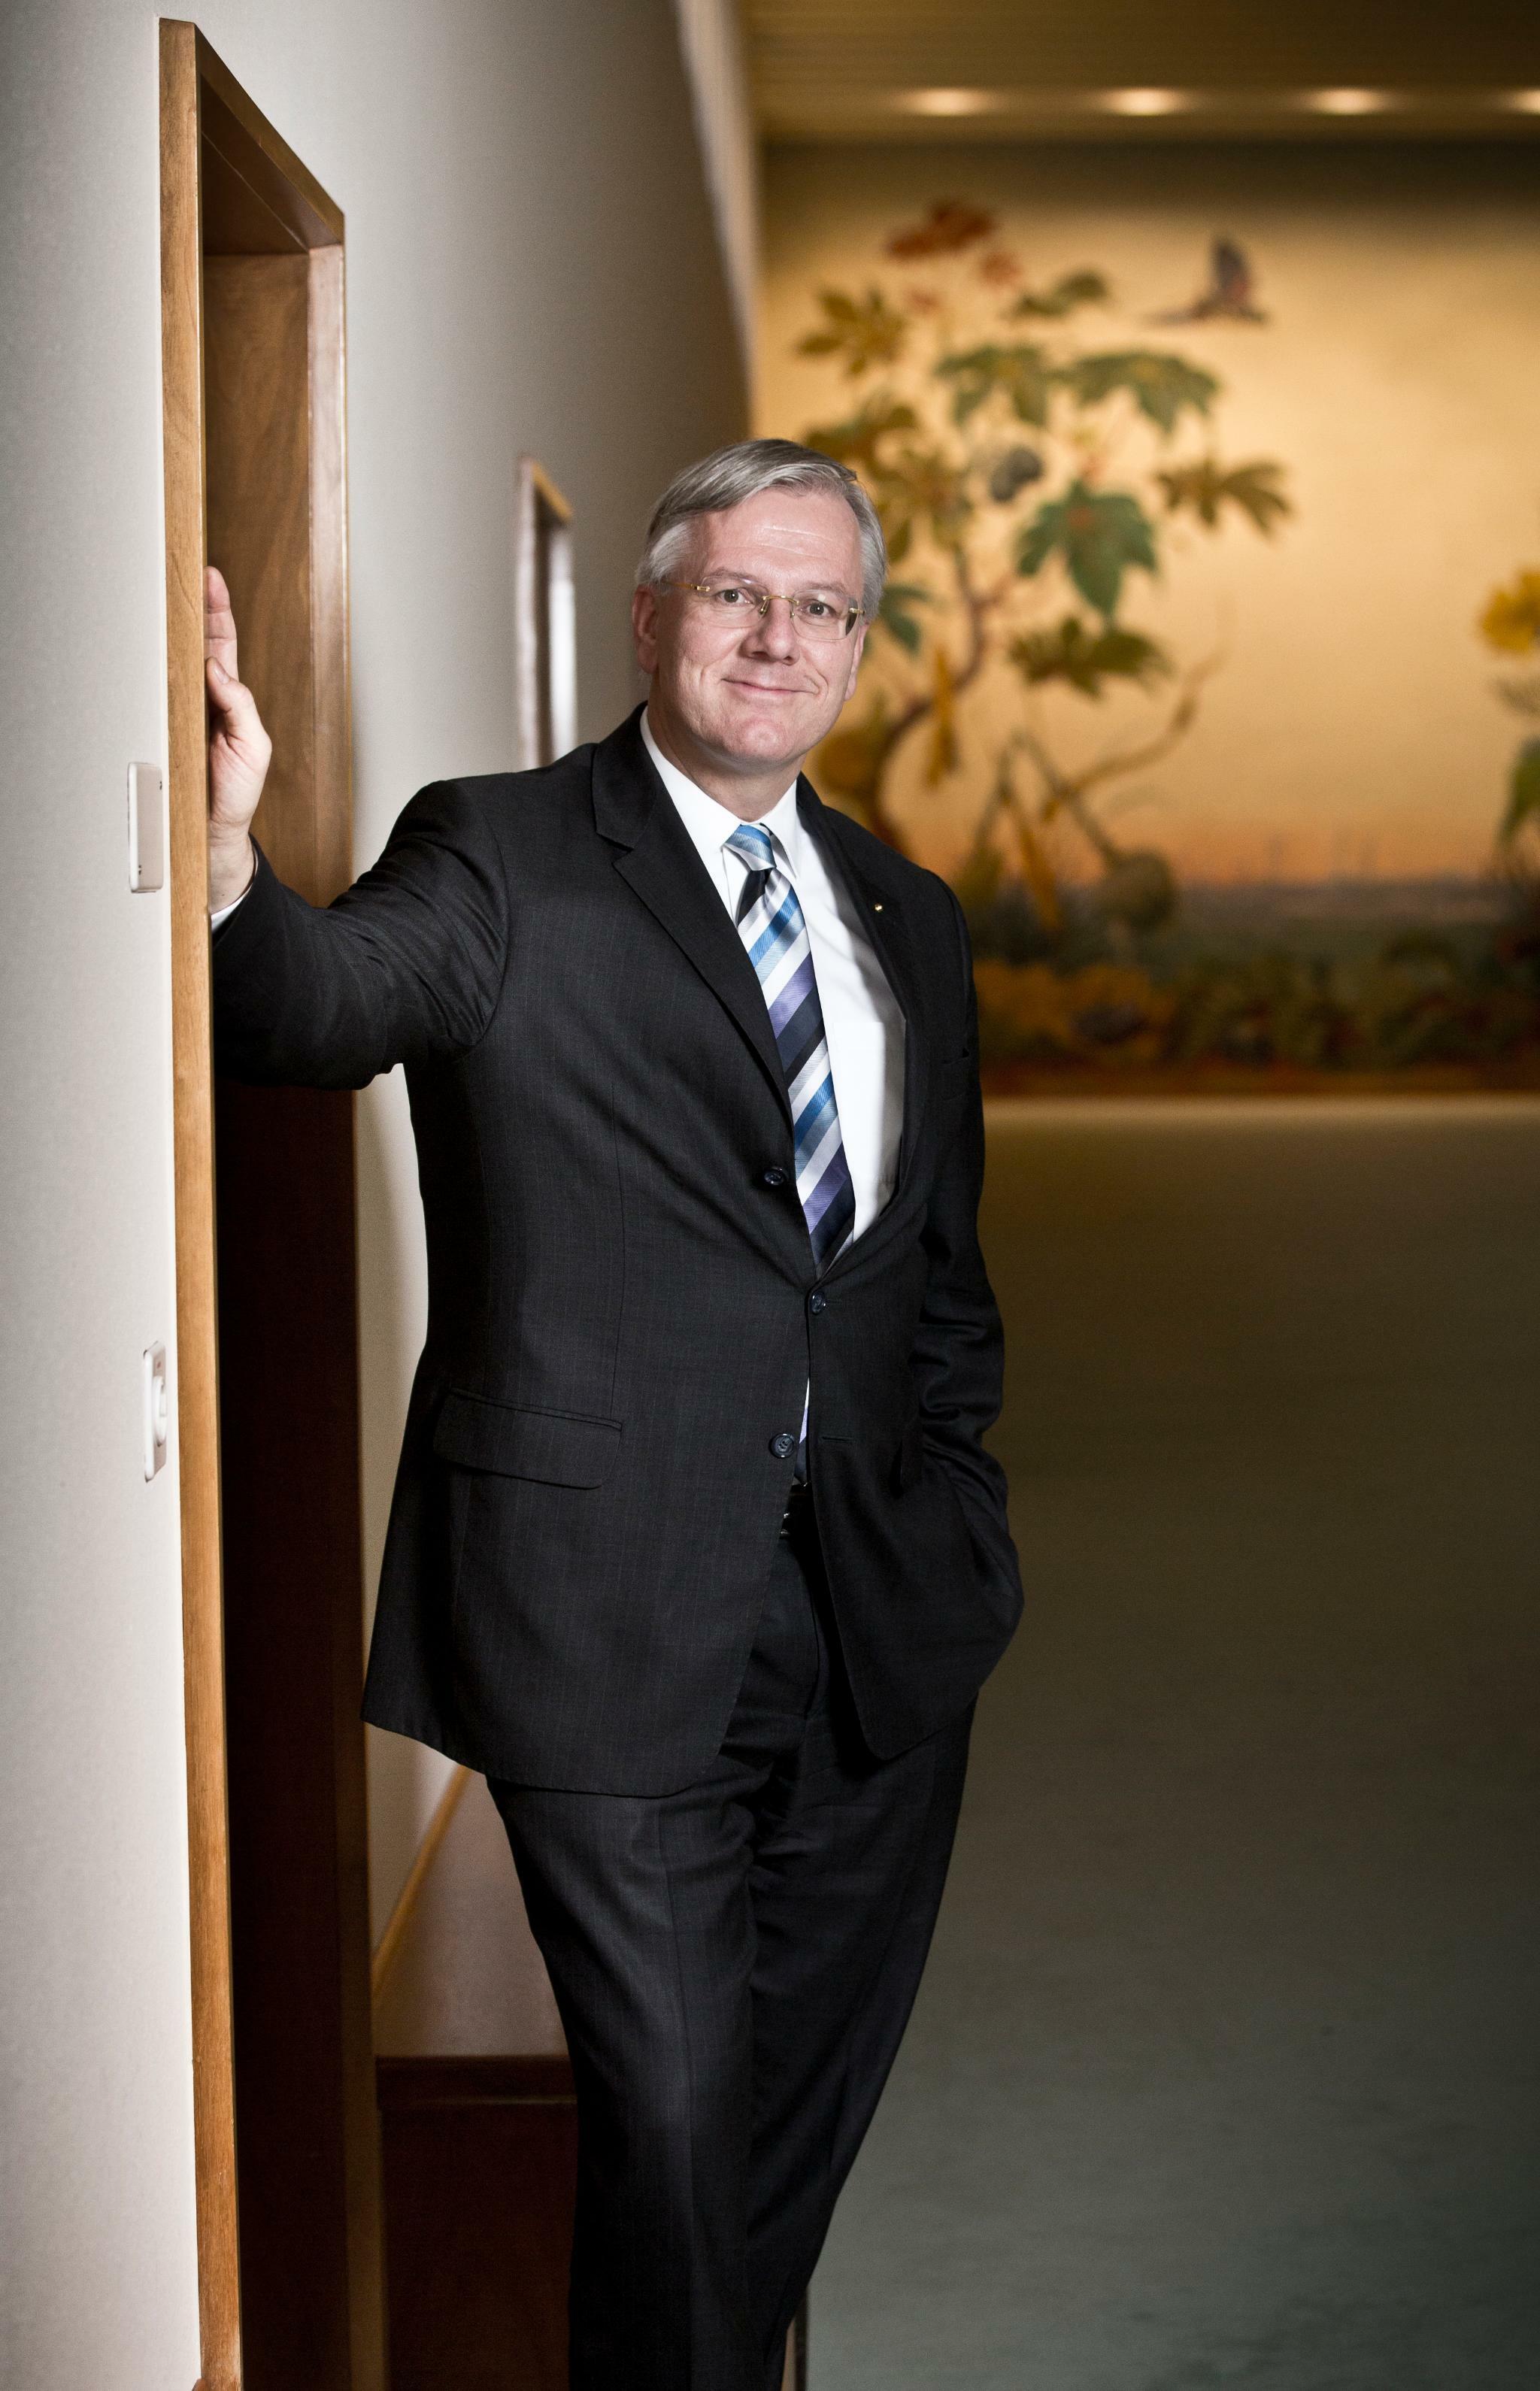 """Roche-Verwaltungsratschef Franz: """"Haltung zu zeigen, halte ich für wichtig"""""""